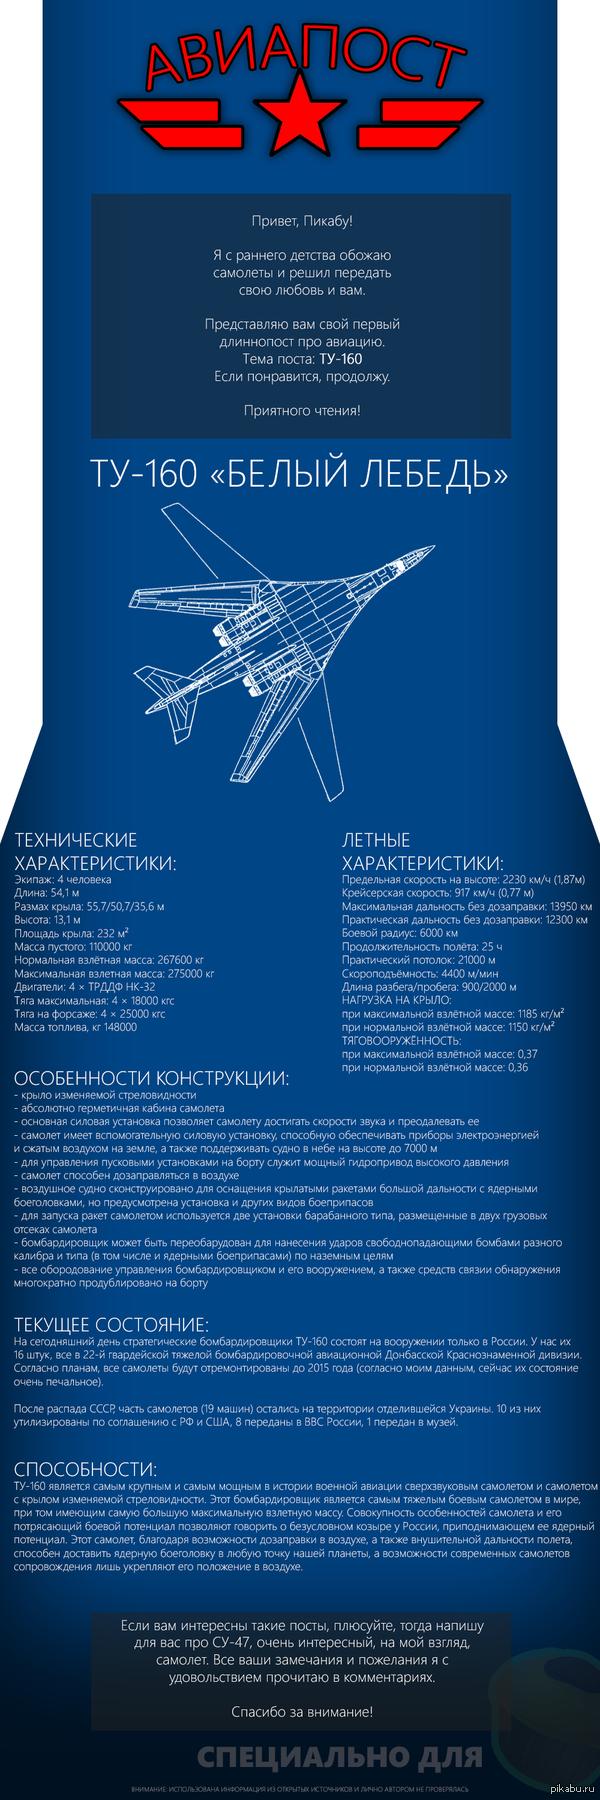 Авиапост #1: ТУ-160 Первый длиннопост, так что сильно не бейте. :)